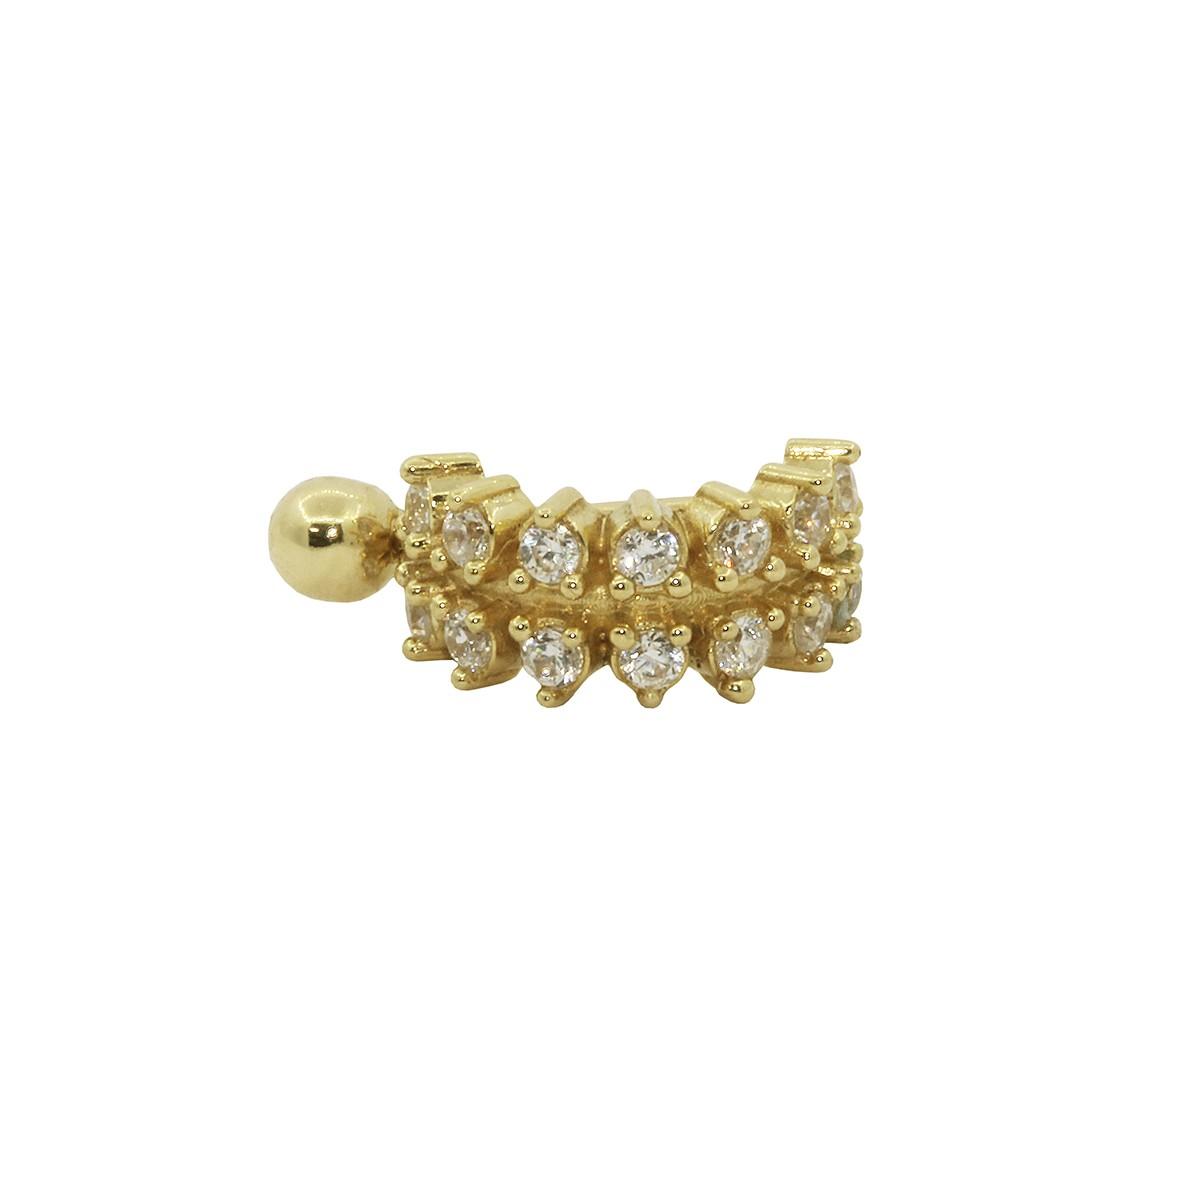 Piercing de Umbigo Haste Interna em Ouro 18k 14 Pedras